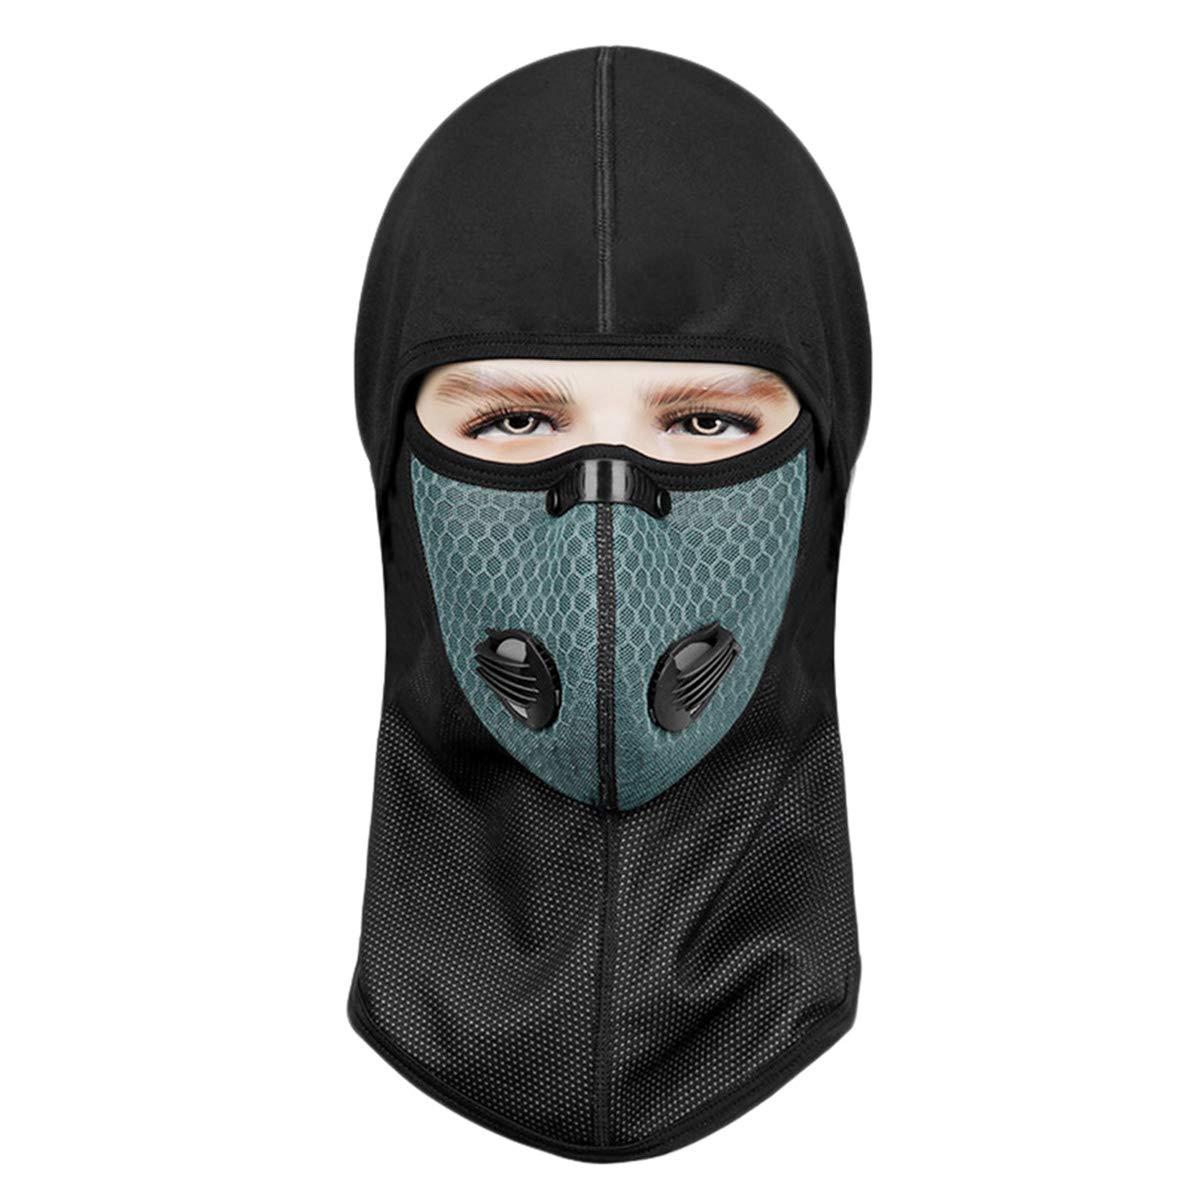 Maschera da sci passamontagna, maschera viso HomeCito per motociclisti - Mantenere caldo | Resistente al vento | Sottocasco elastico traspirante, passamontagna invernale per snowboard, escursionismo e altri sport all'aria aperta, taglia universale per uomo